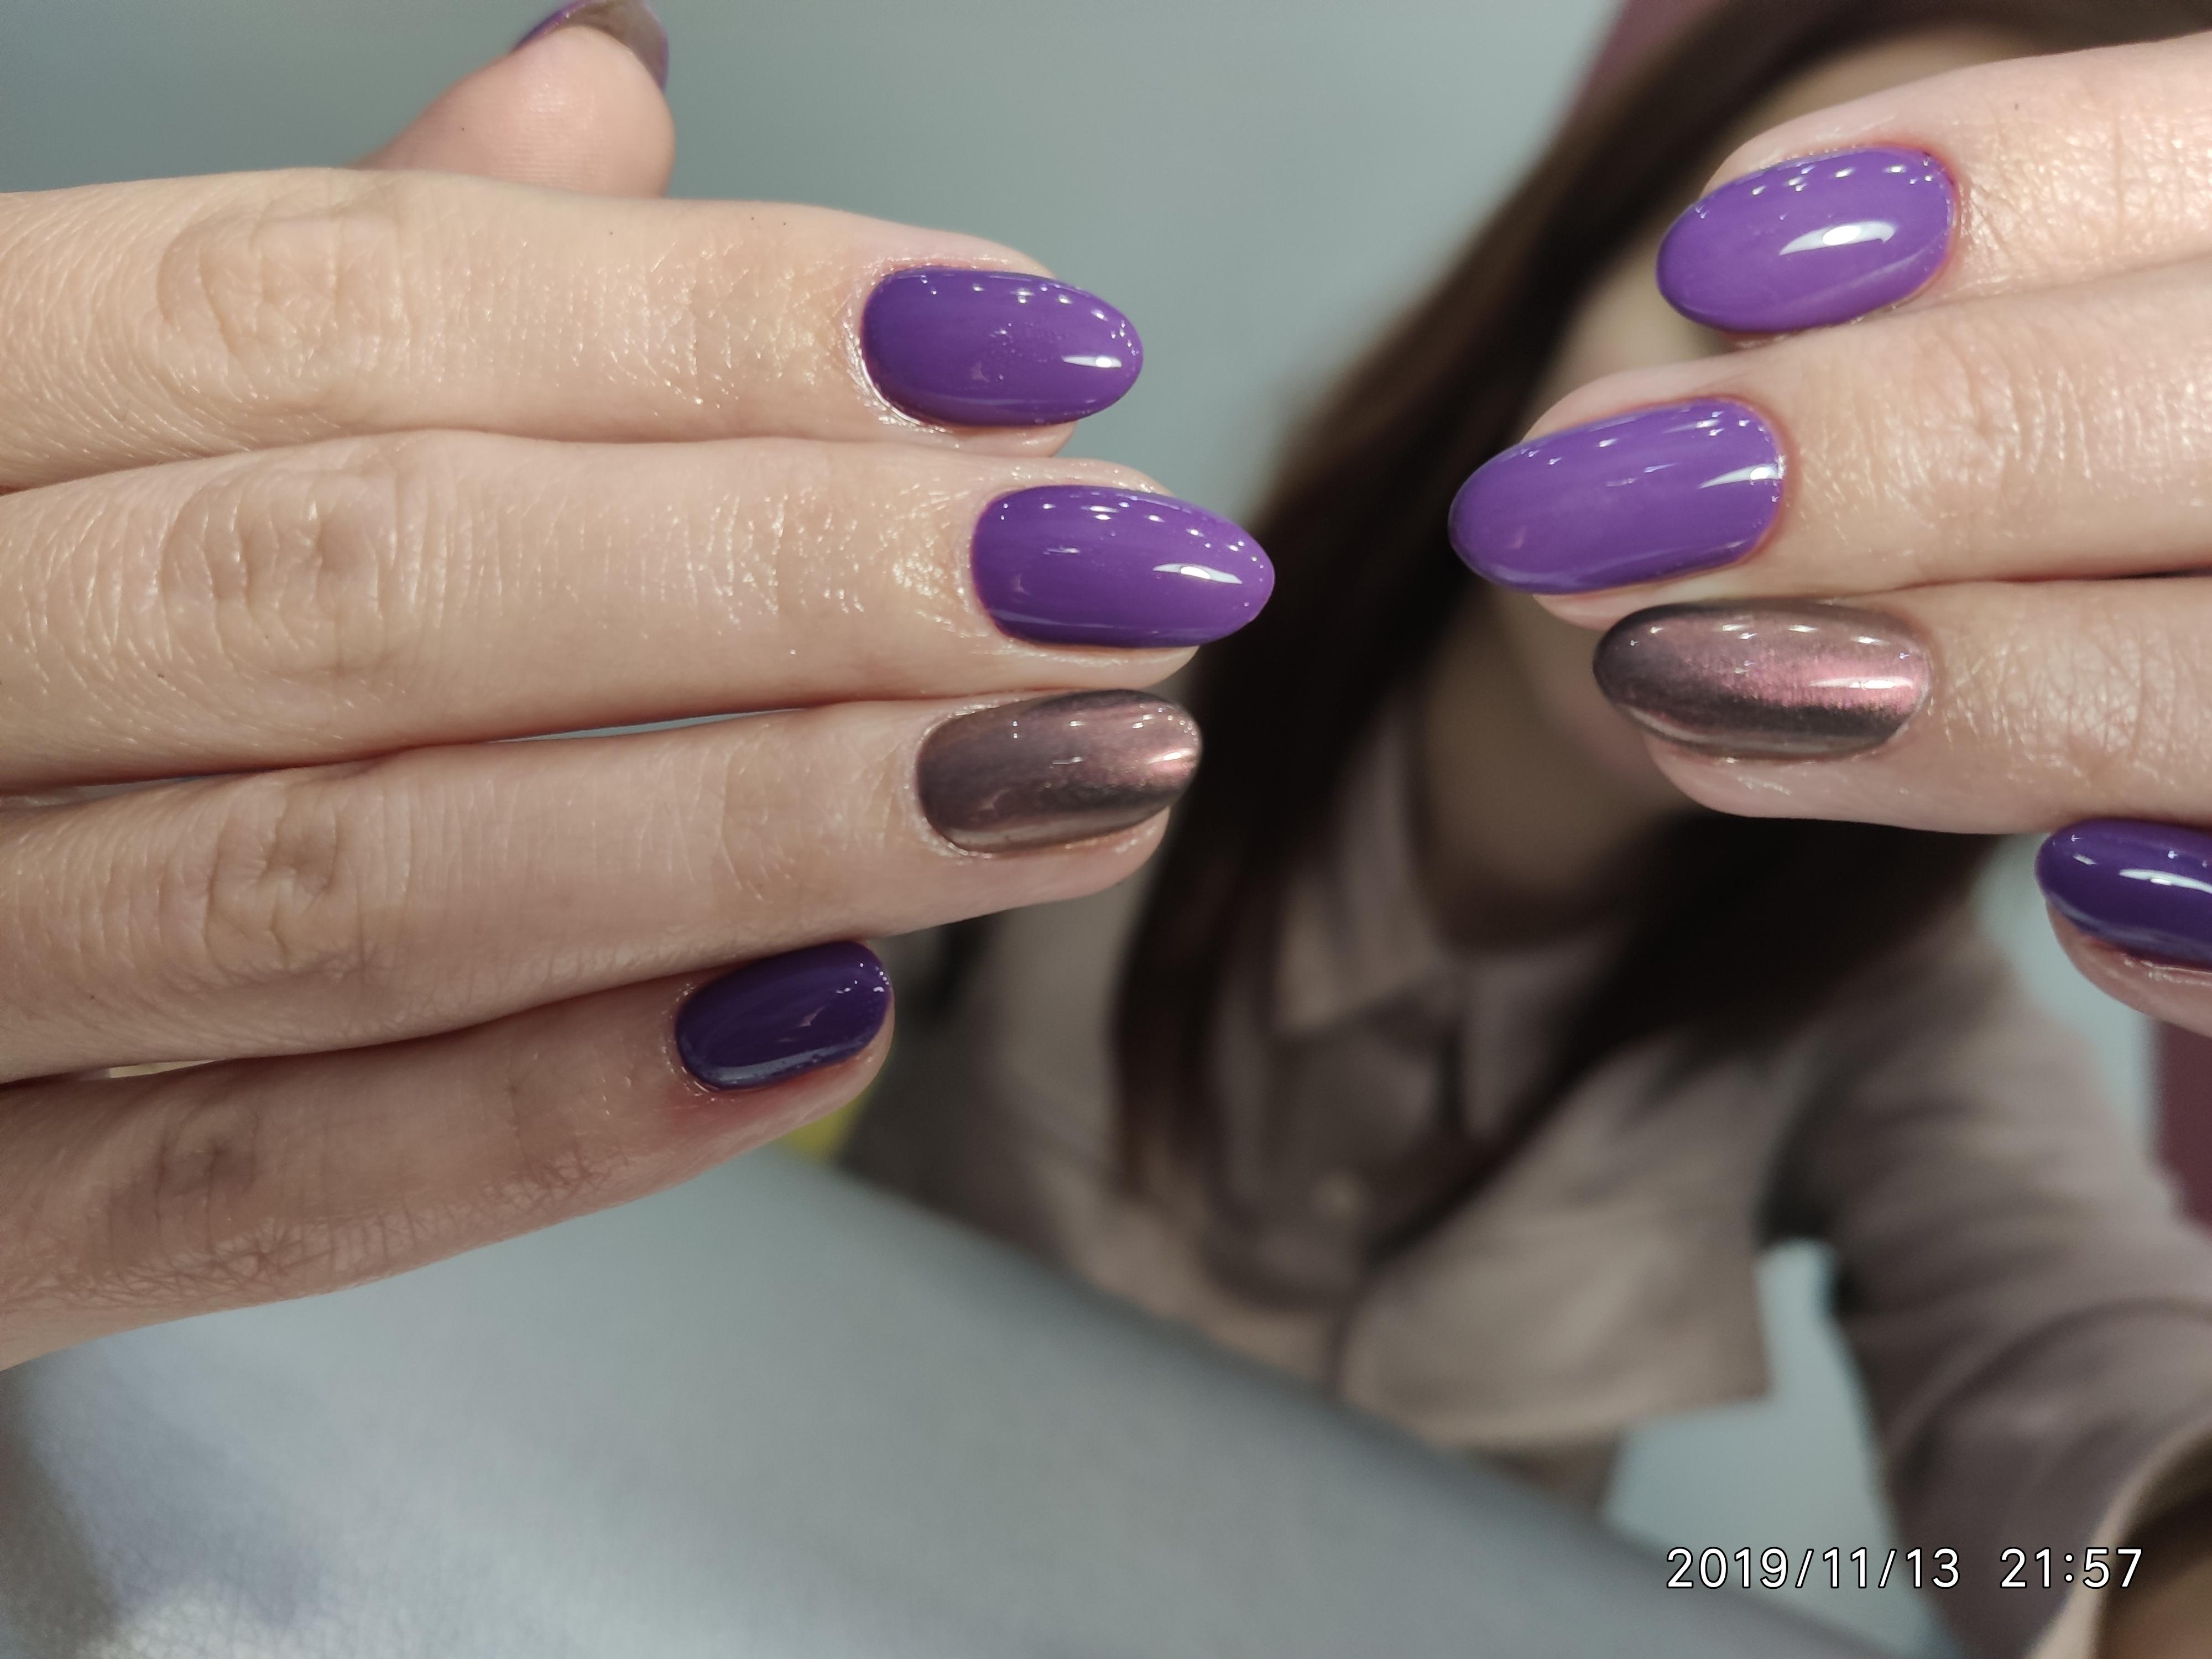 Маникюр с втиркой в фиолетовом цвете.